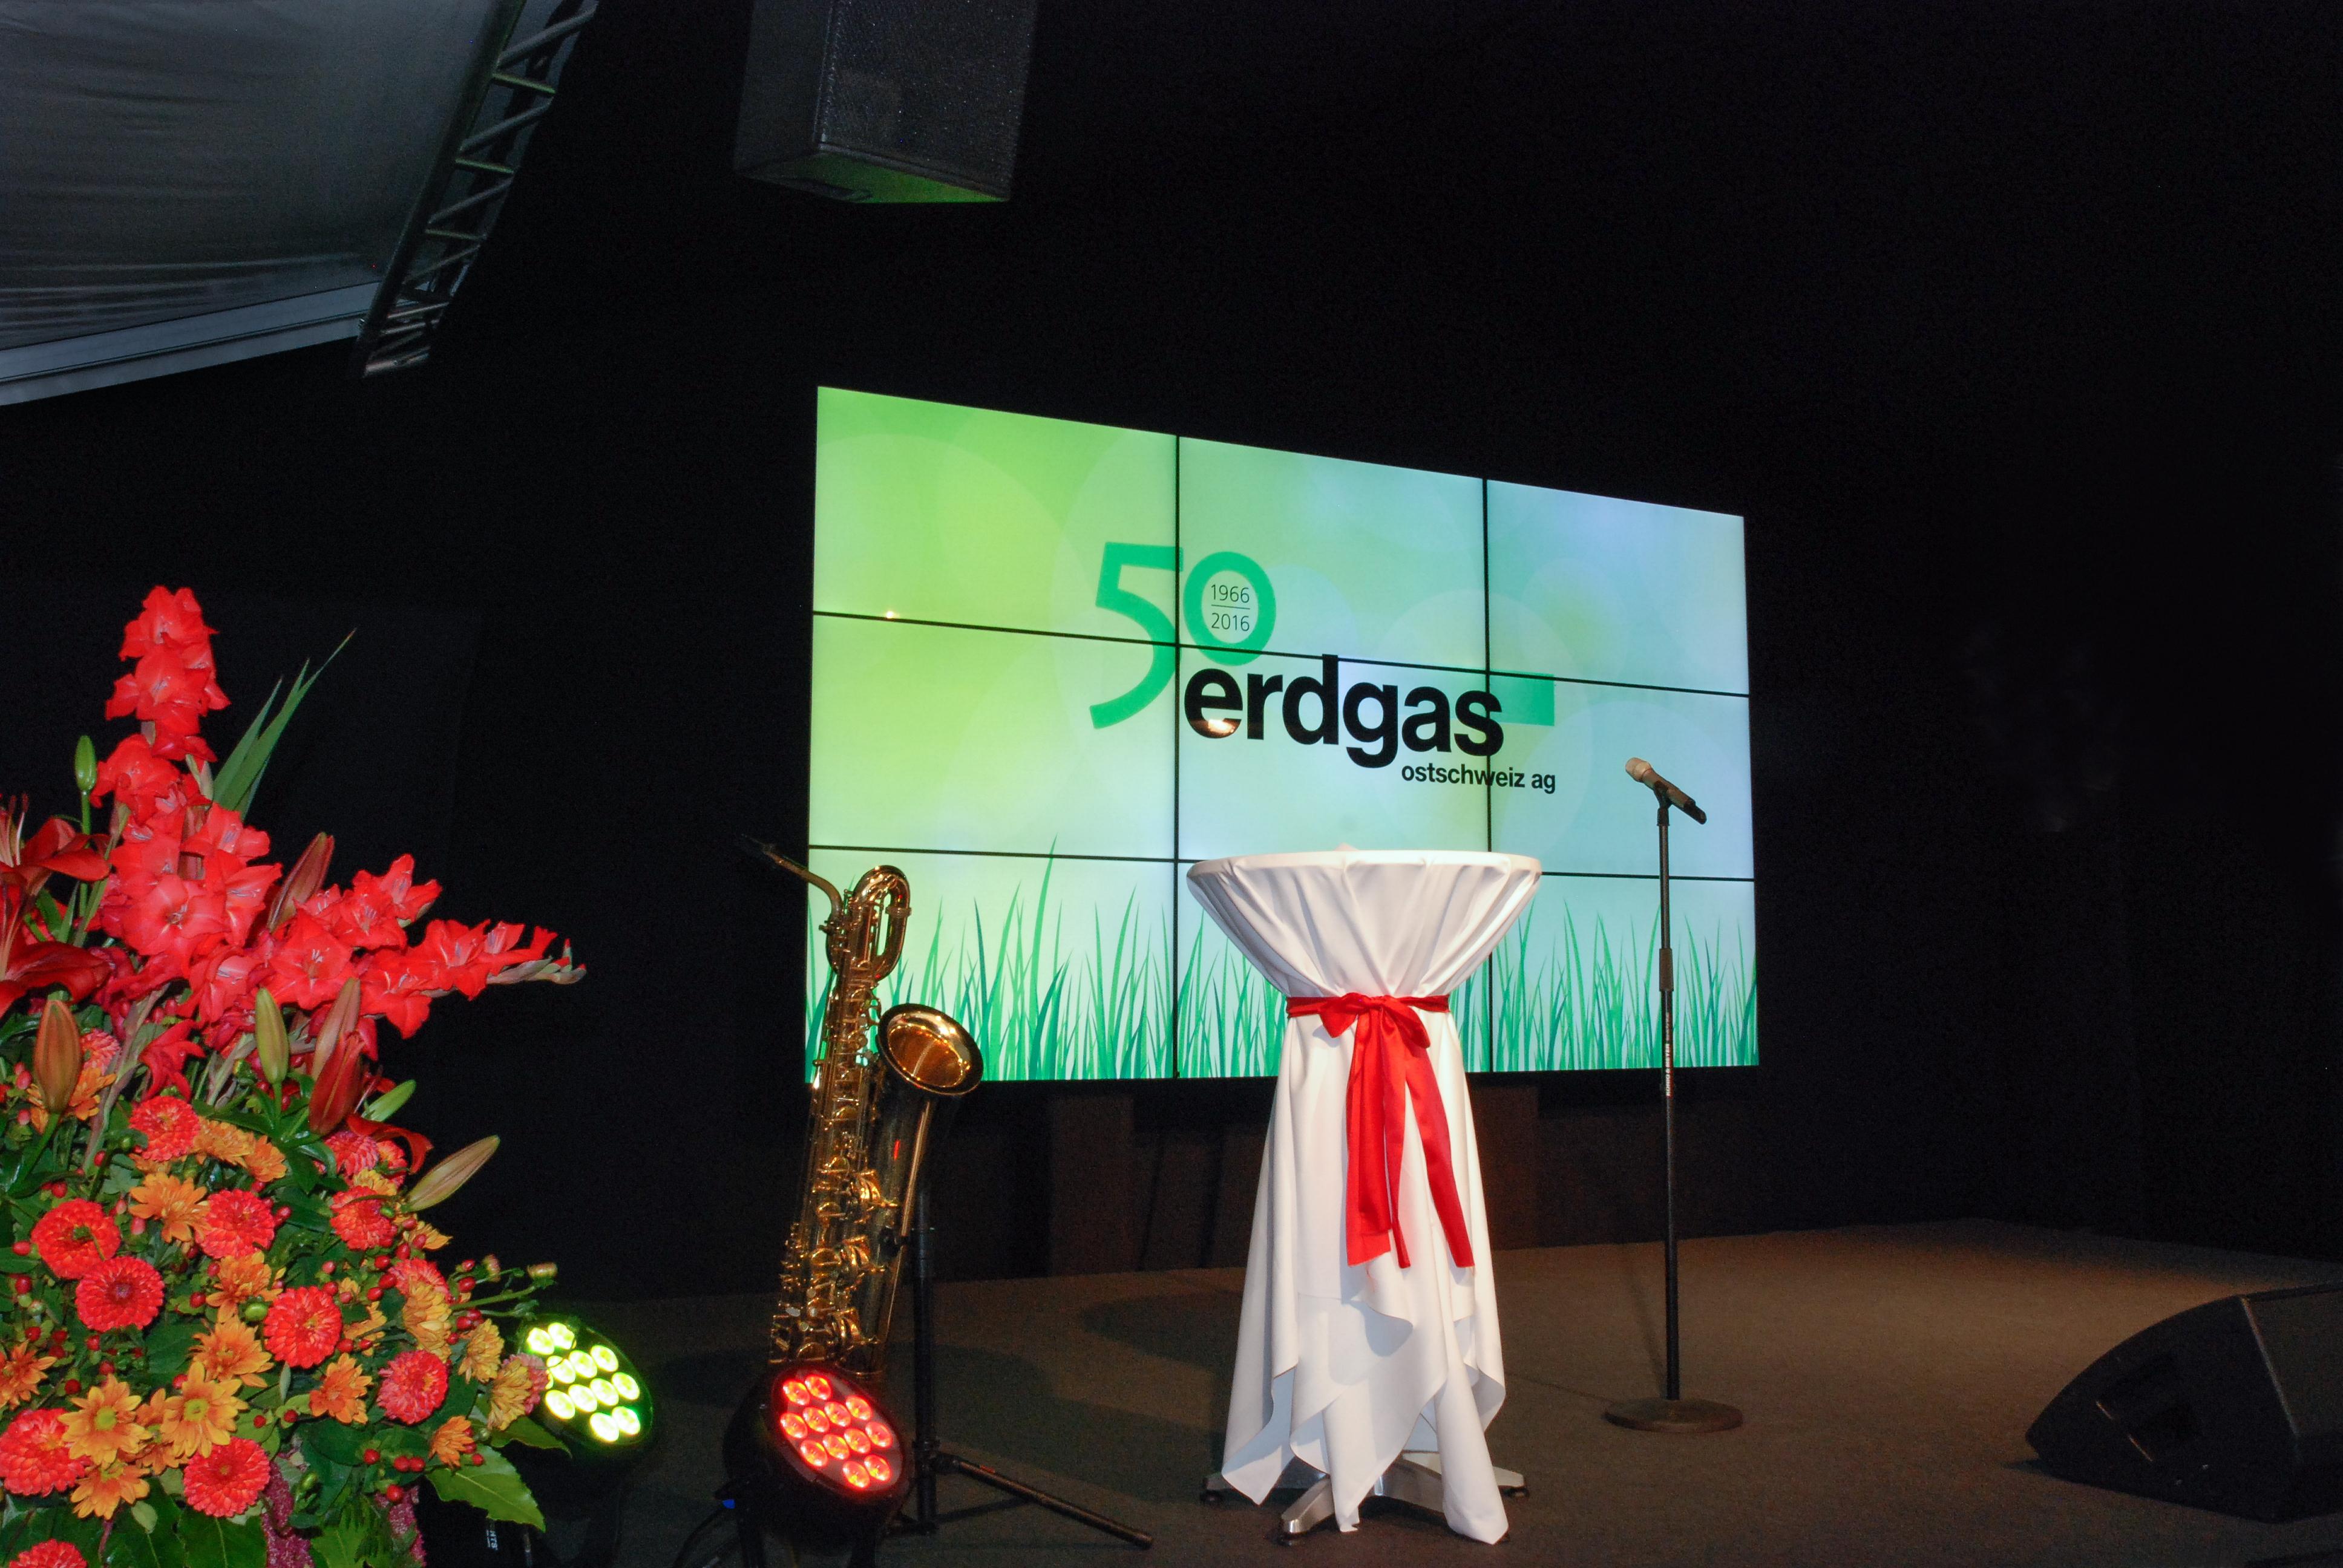 50-Jahre-Erdgas-Ostschweiz-Orginal-Kopie